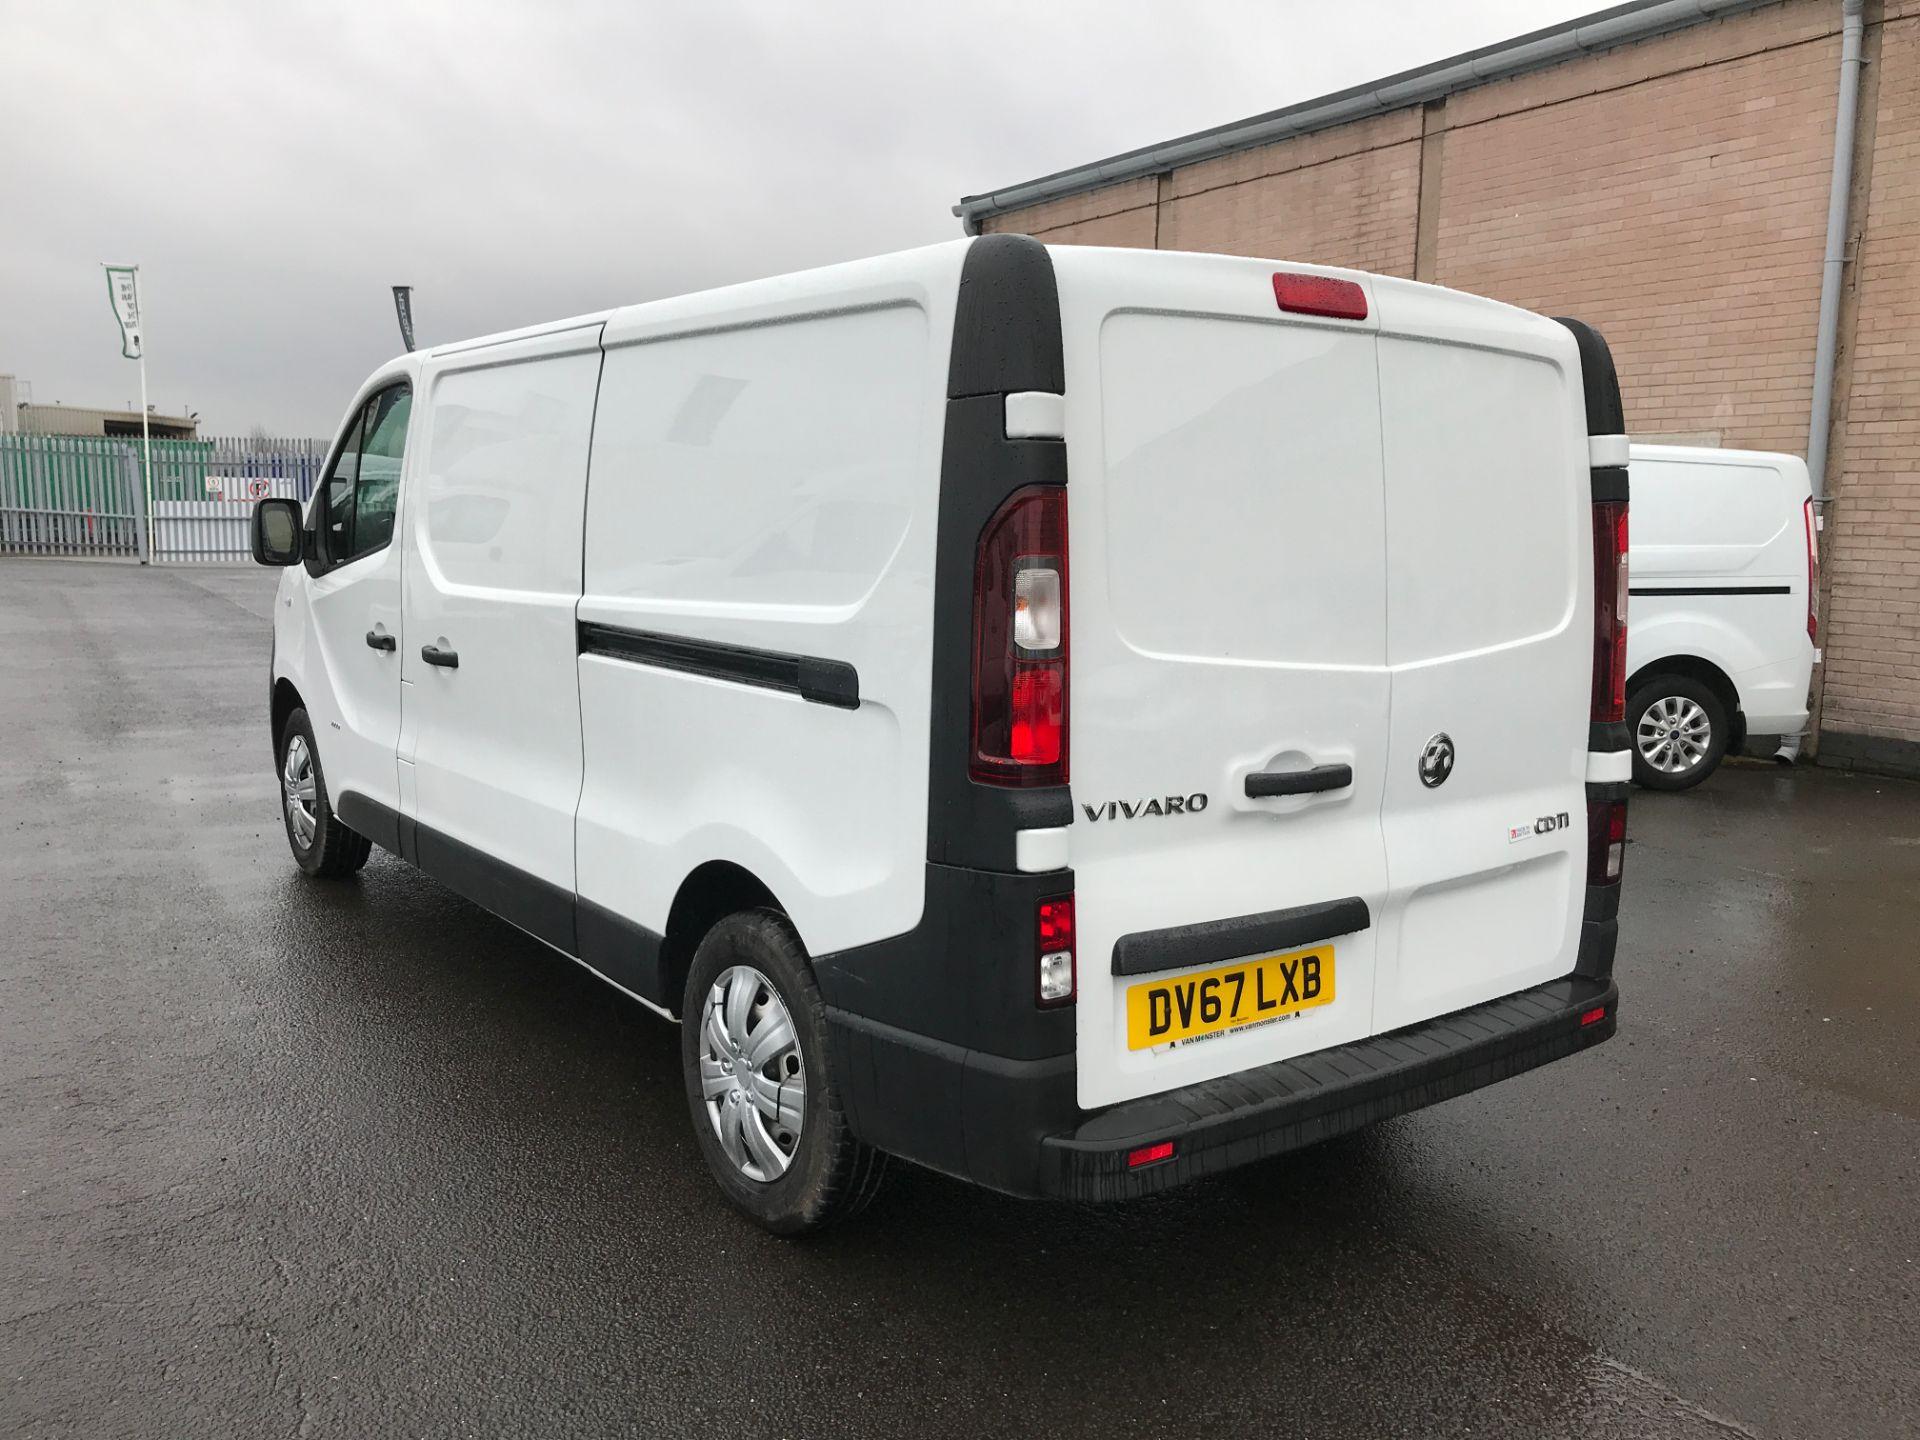 2017 Vauxhall Vivaro 2900 L2 H1 1.6CDTI 120PS EURO 6 (DV67LXB) Image 10